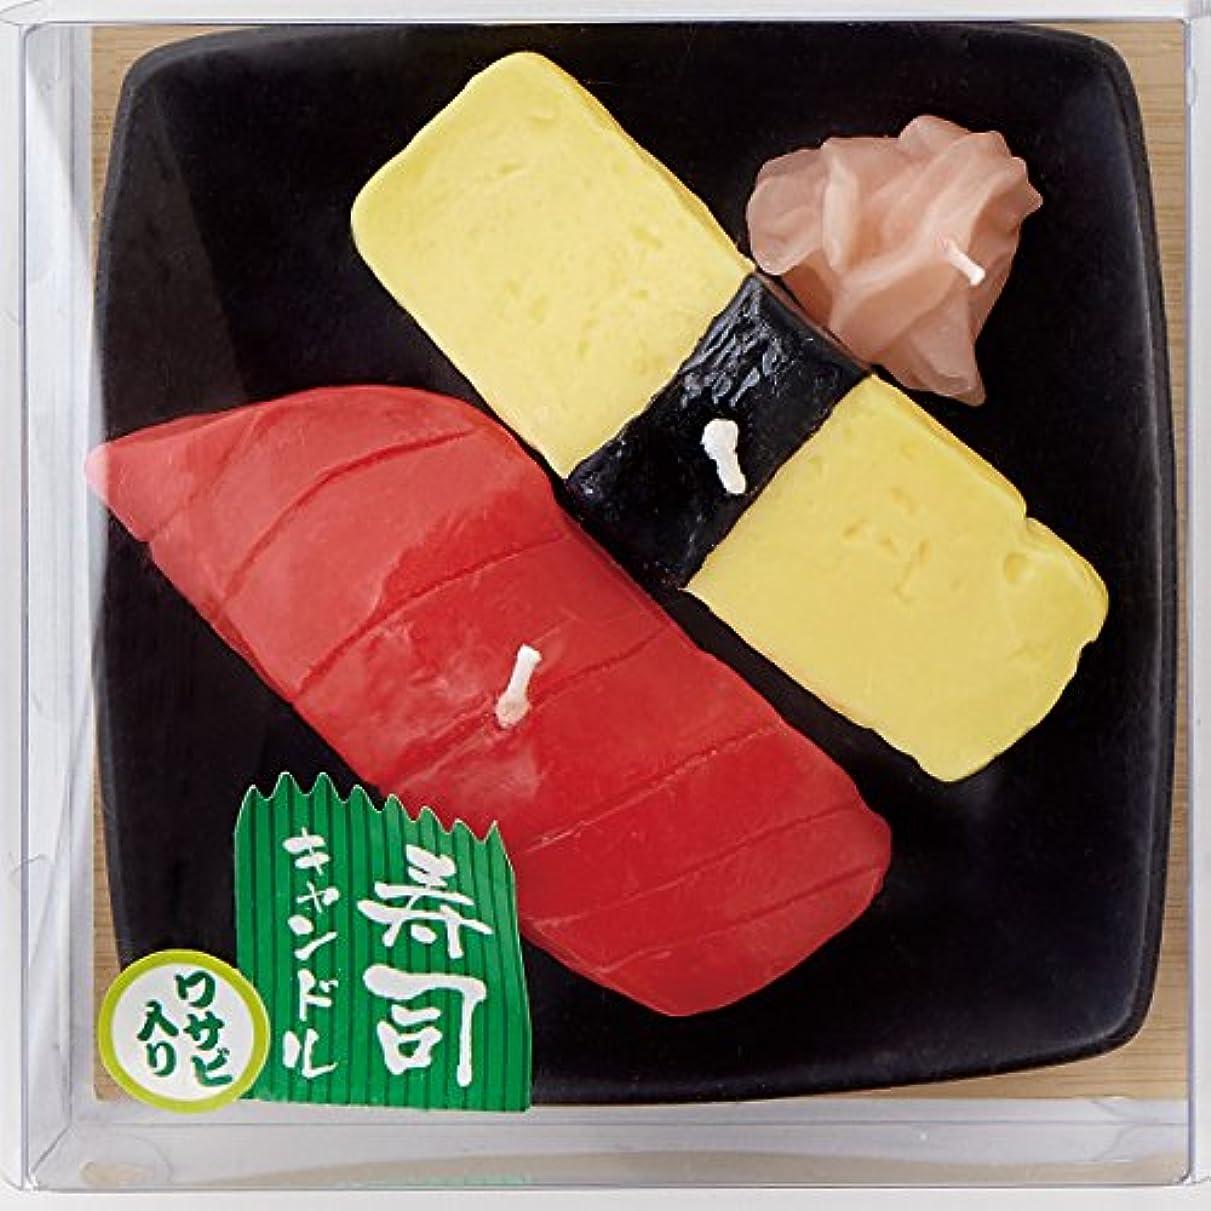 ハイキングに行く急襲涙が出る寿司キャンドル A(マグロ?玉子) サビ入